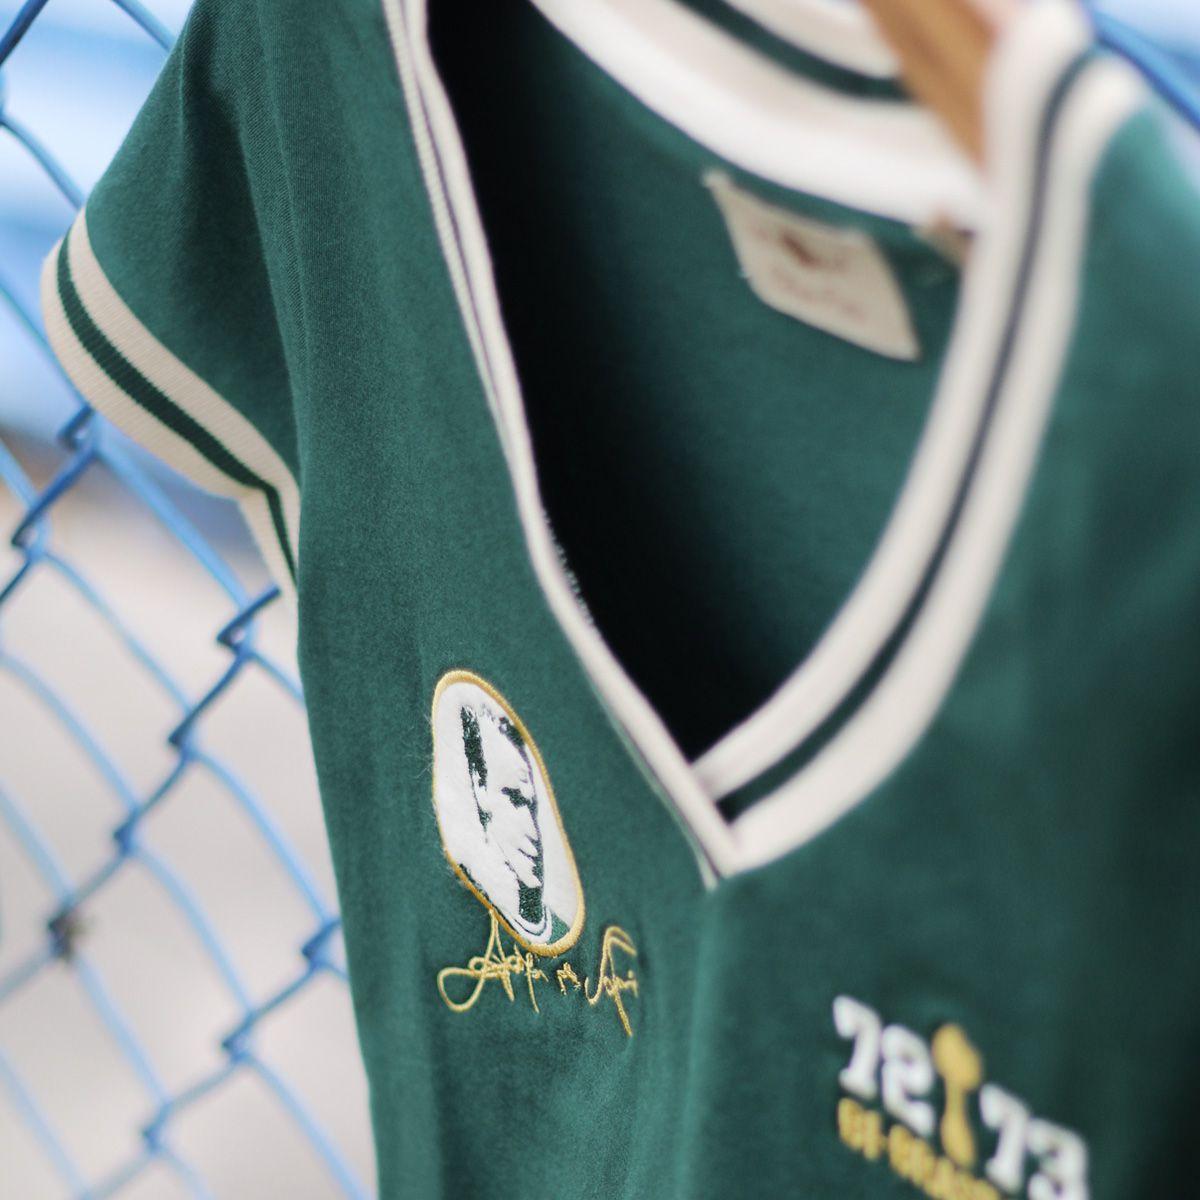 Camisa Palmeiras Retrô Gol Ademir da Guia Feminina